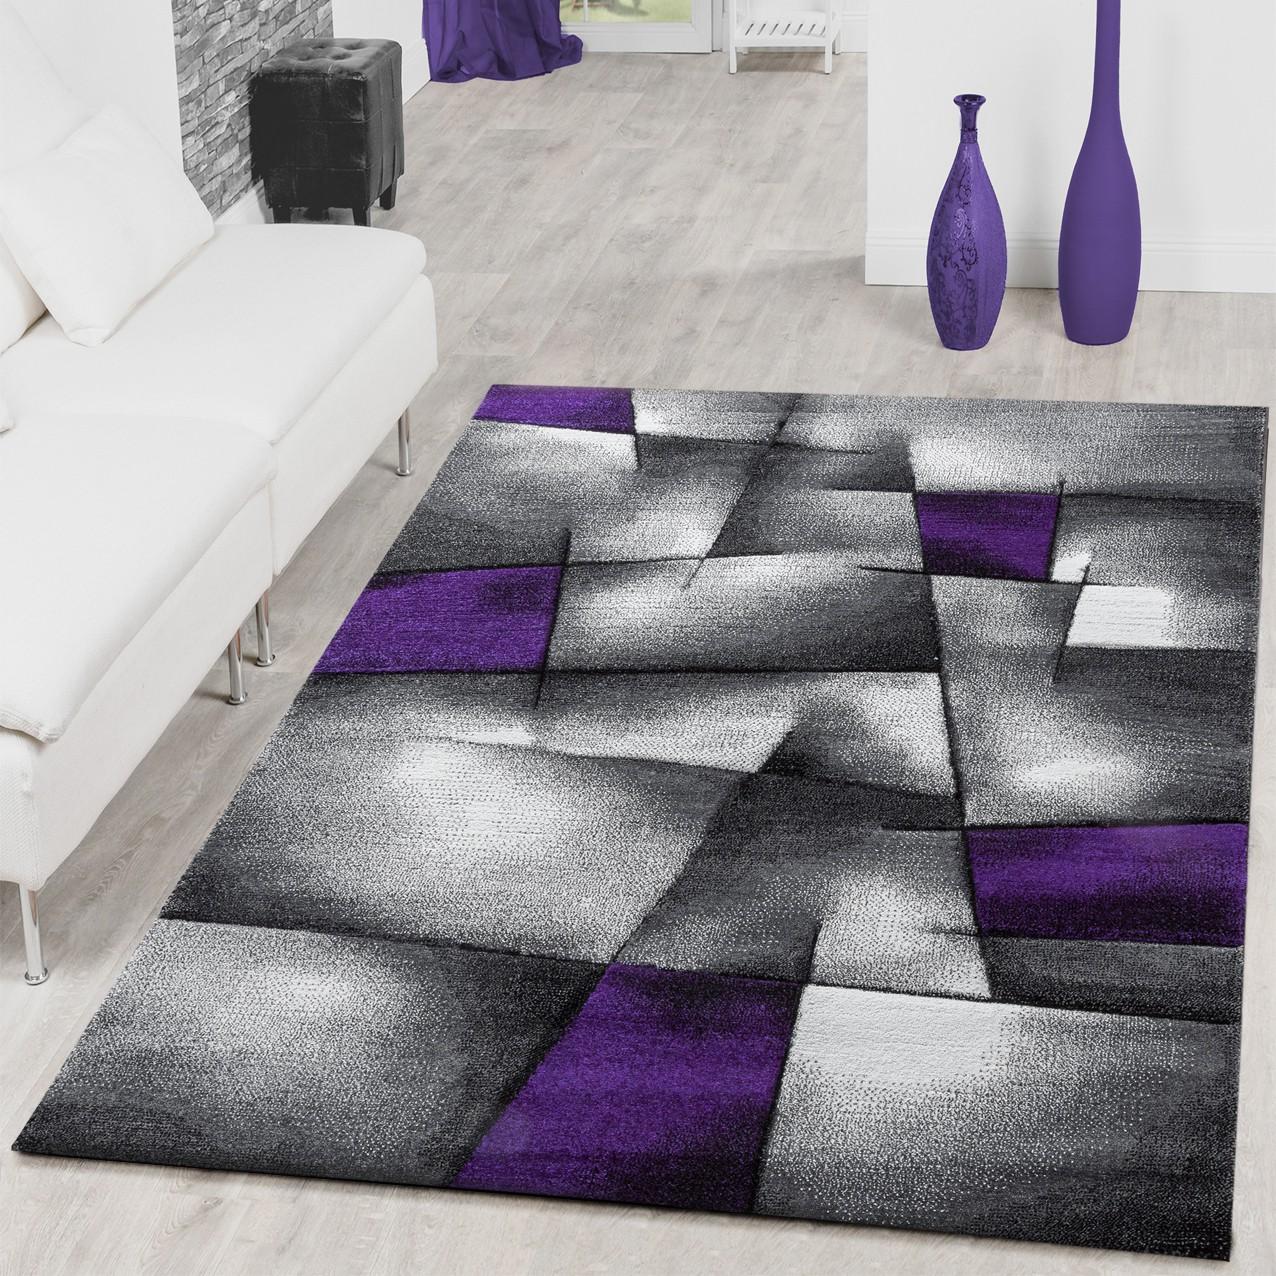 Teppich Modern Wohnzimmer Teppiche Karo Lila Grau Konturenschnitt ...